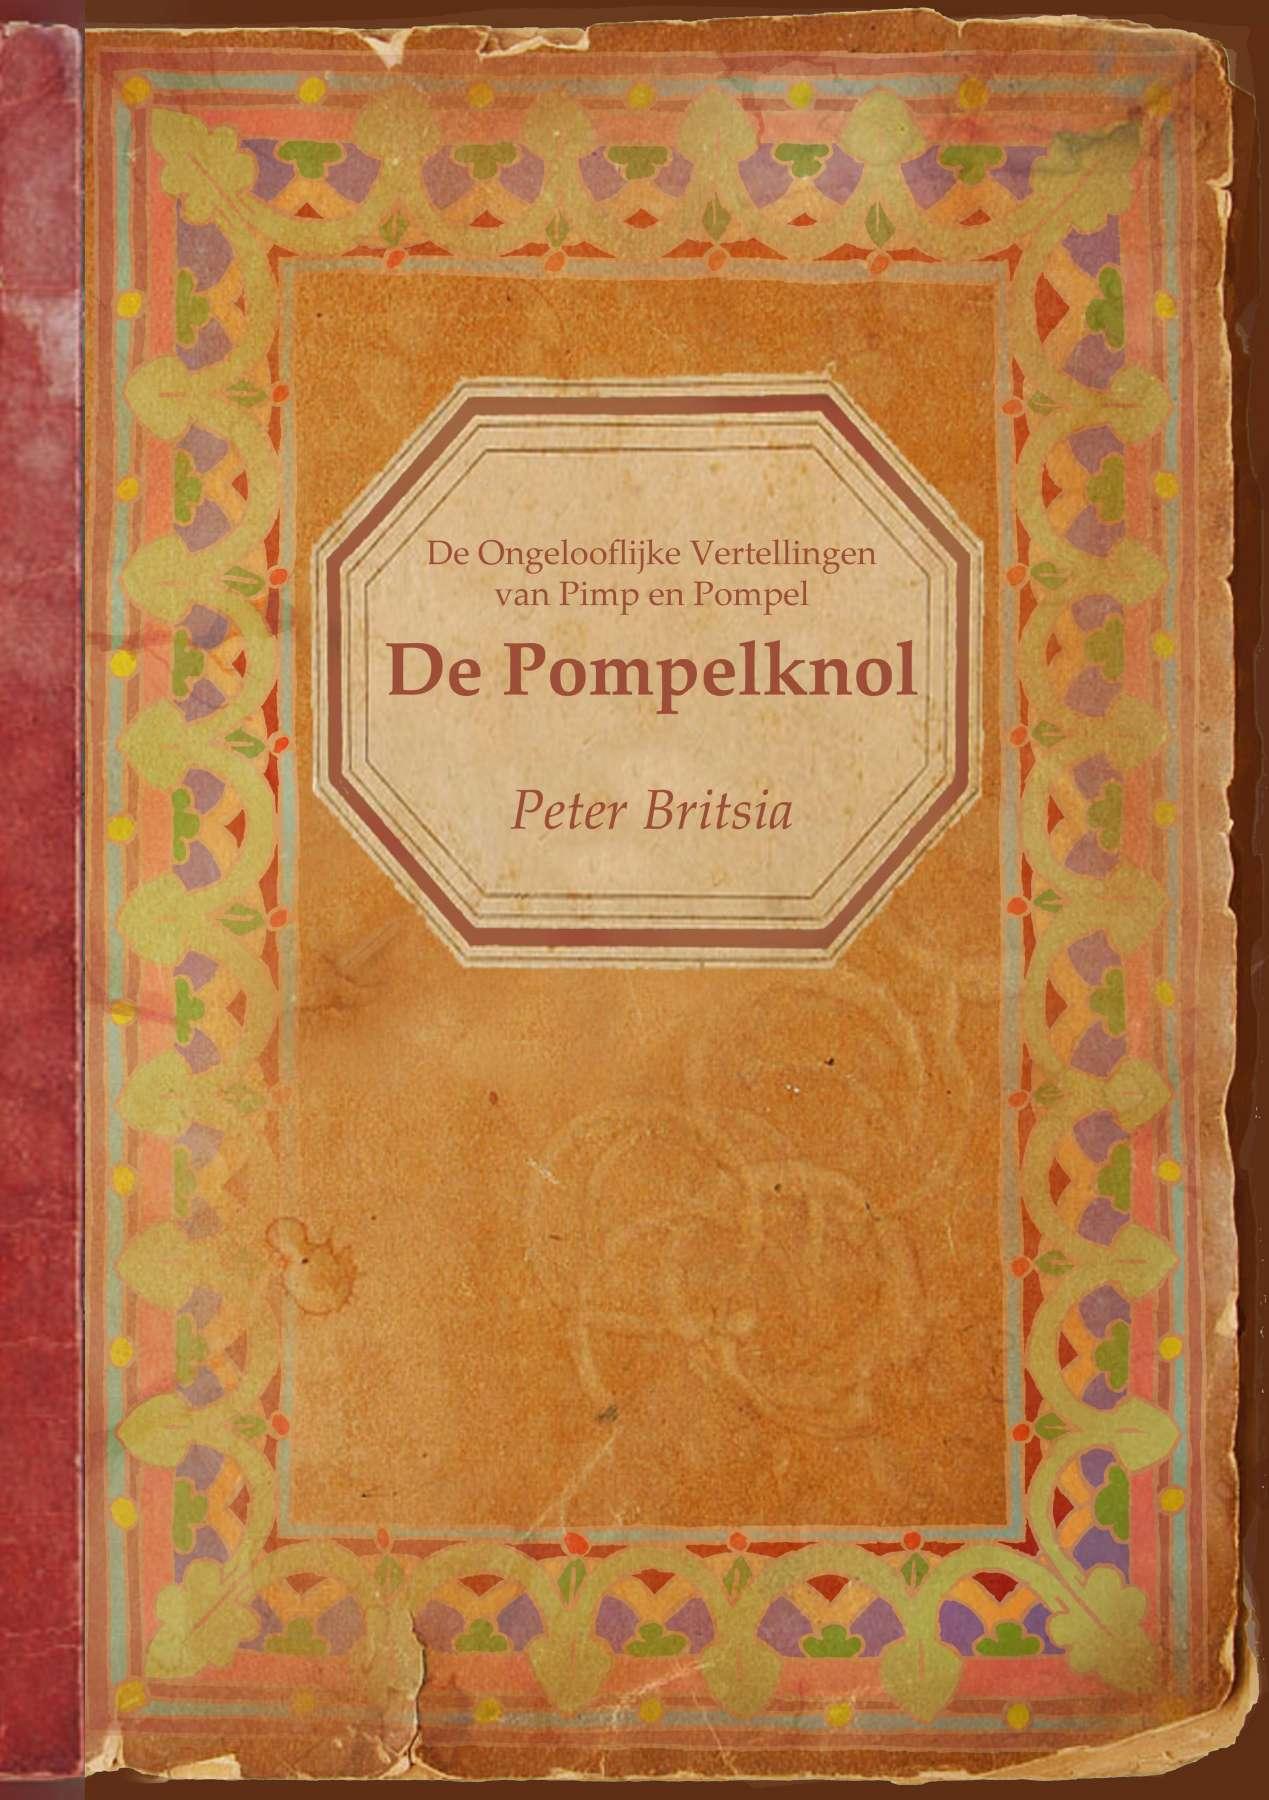 De Pompelknol - Uitgeverij Maanvis<br>Voorlees Verhalen Voor Volwassen. Eerste uit een serie Boombouterverhalen, tekst en illustraties Peter Britsia.